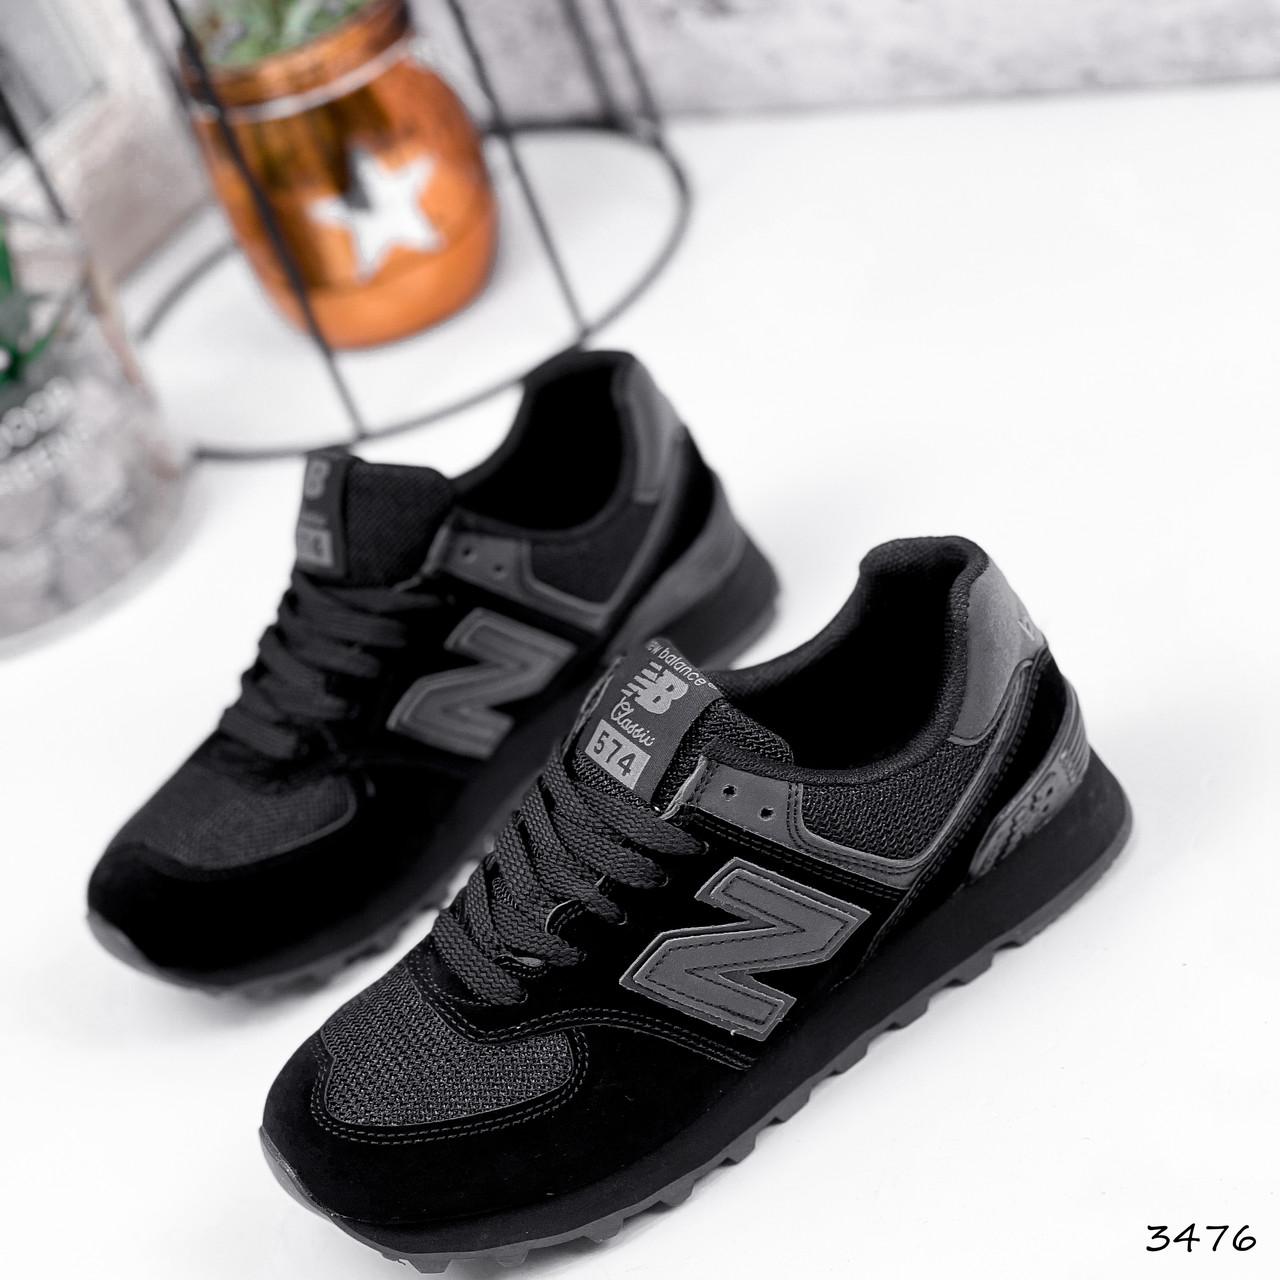 Кроссовки женские New Balance черные 3476